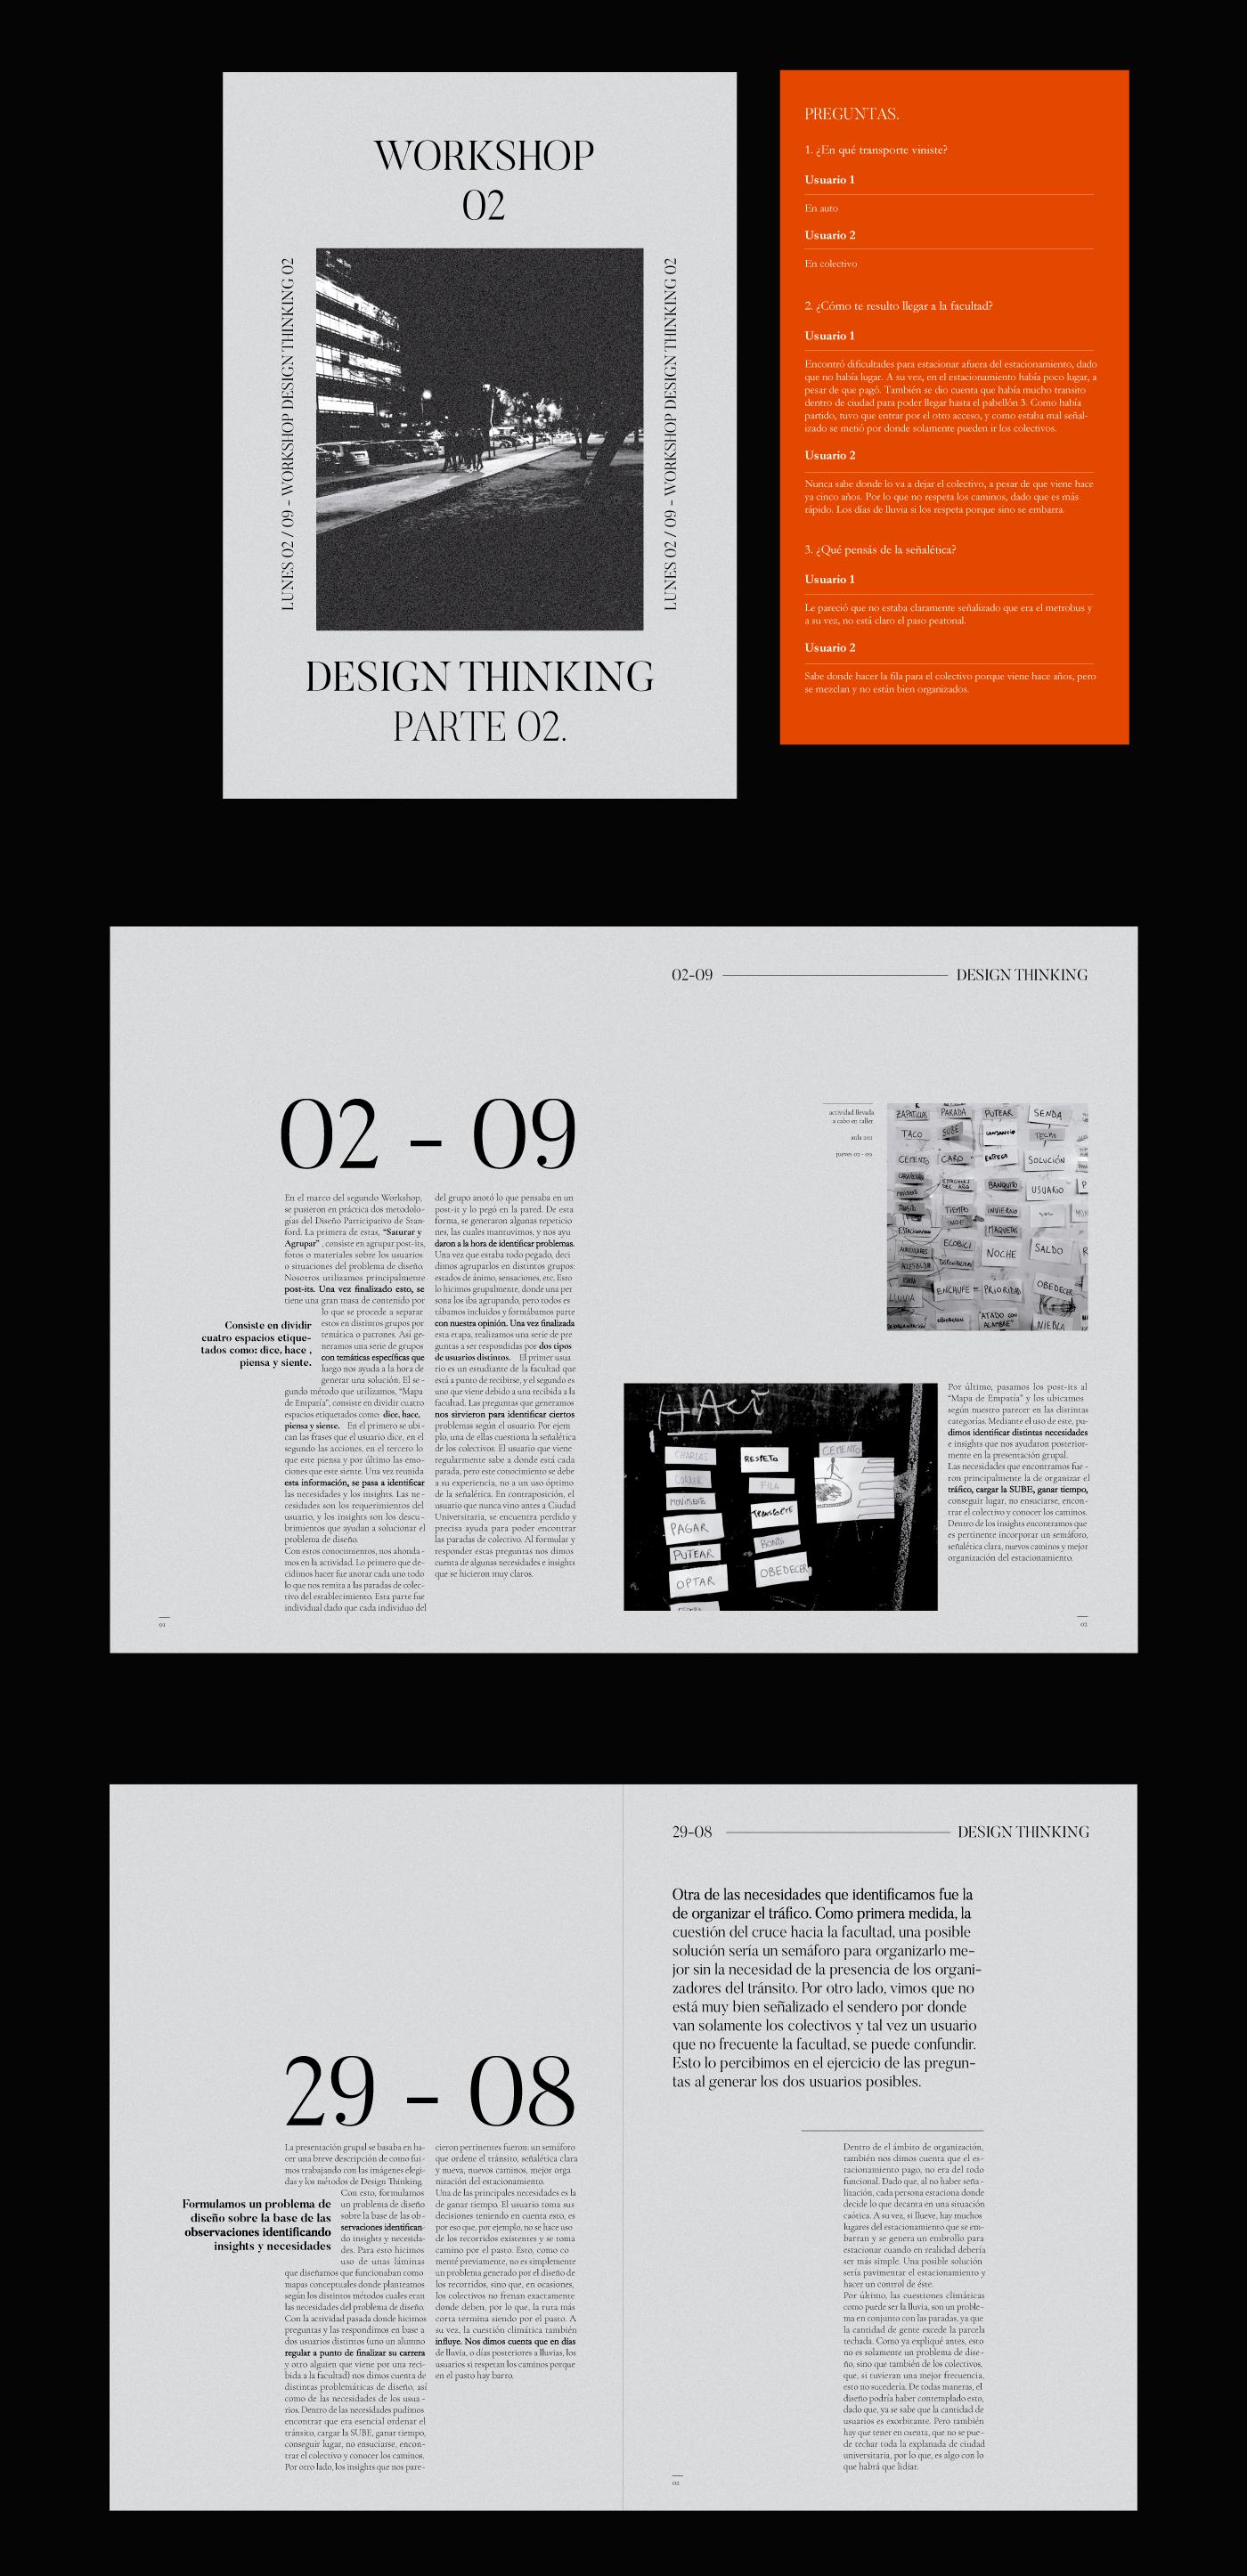 Image may contain: print